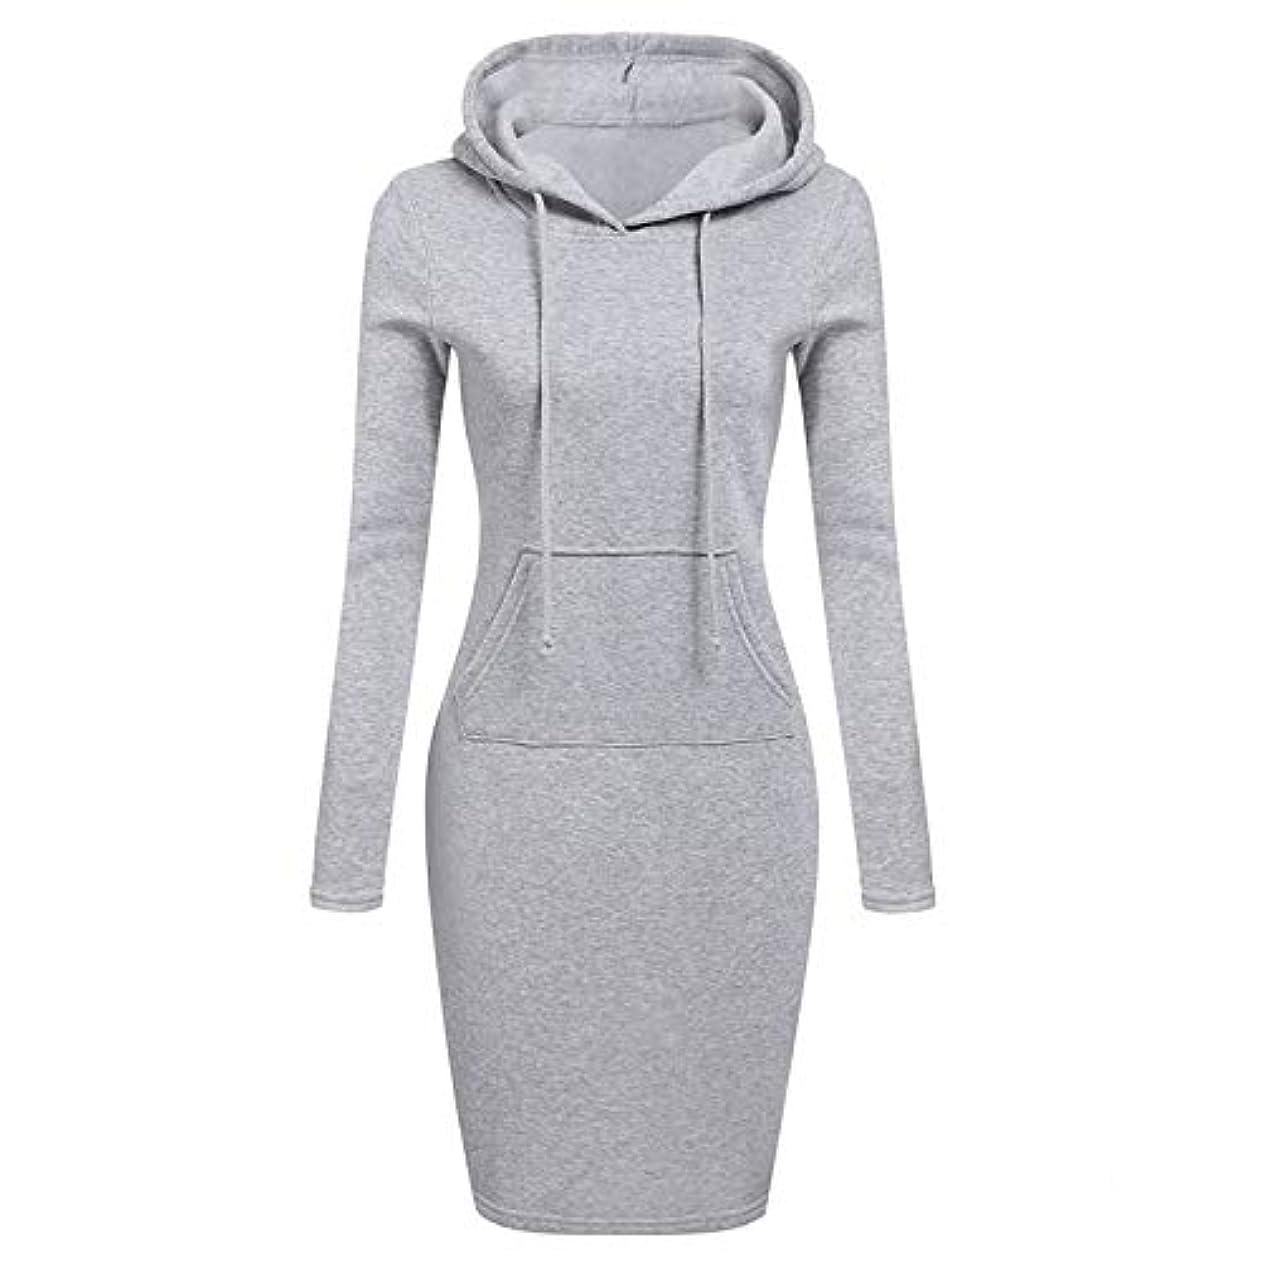 望まない血まみれのショートカットOnderroa - ファッションフード付き巾着フリースの女性のドレス秋冬はドレス女性Vestidosパーカースウェットシャツドレスを温めます